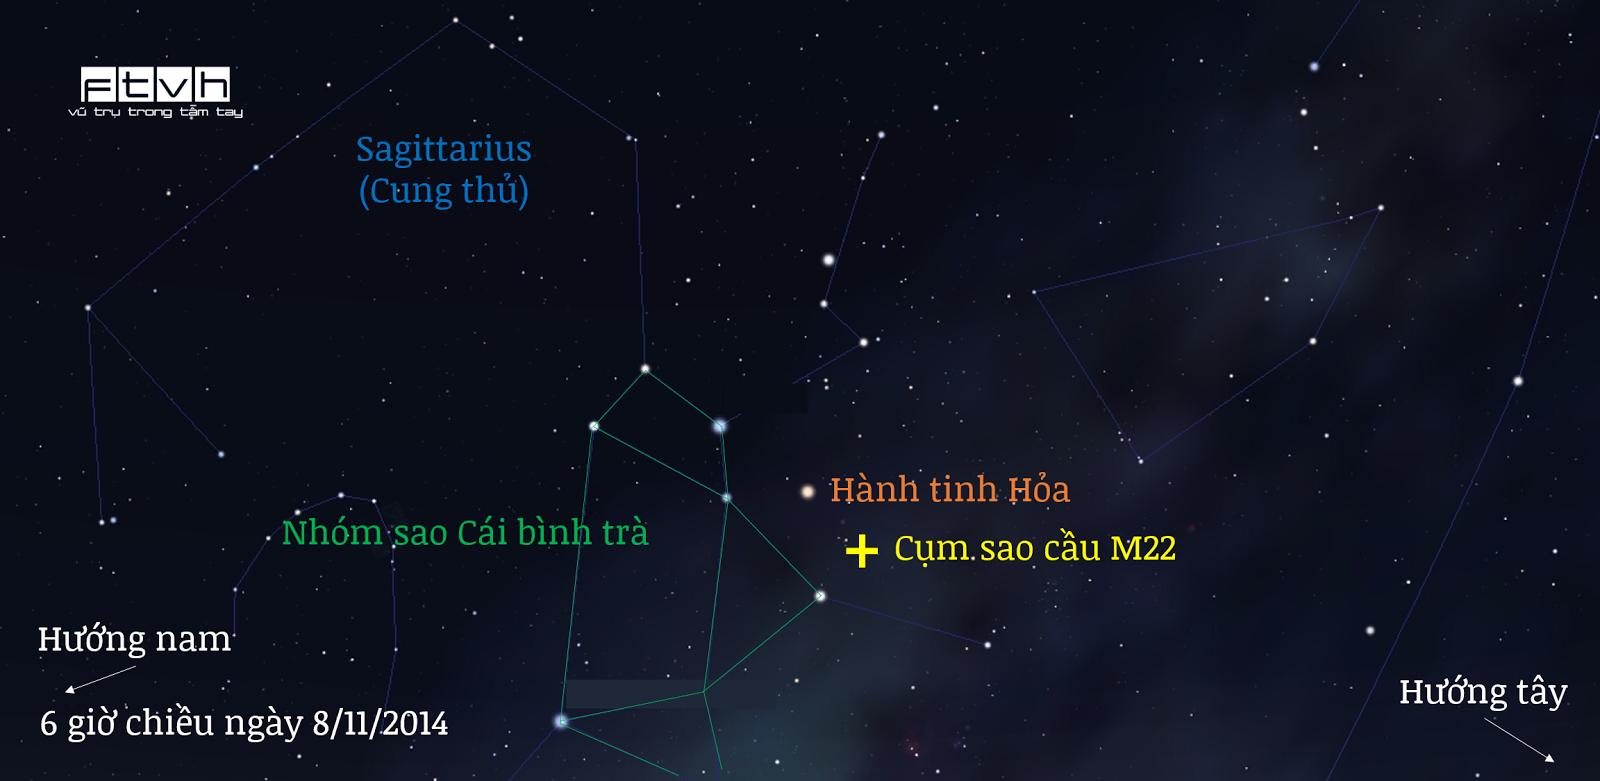 Bầu trời hướng đông lúc 6 giờ chiều ngày 8/11. Hành tinh Hỏa nằm rất gần cụm sao cầu M22 trong Nhóm sao Cái bình trà của chòm sao Sagittarius (Người bắng cung) và nó sẽ lặn từ sau 8 giờ tối.